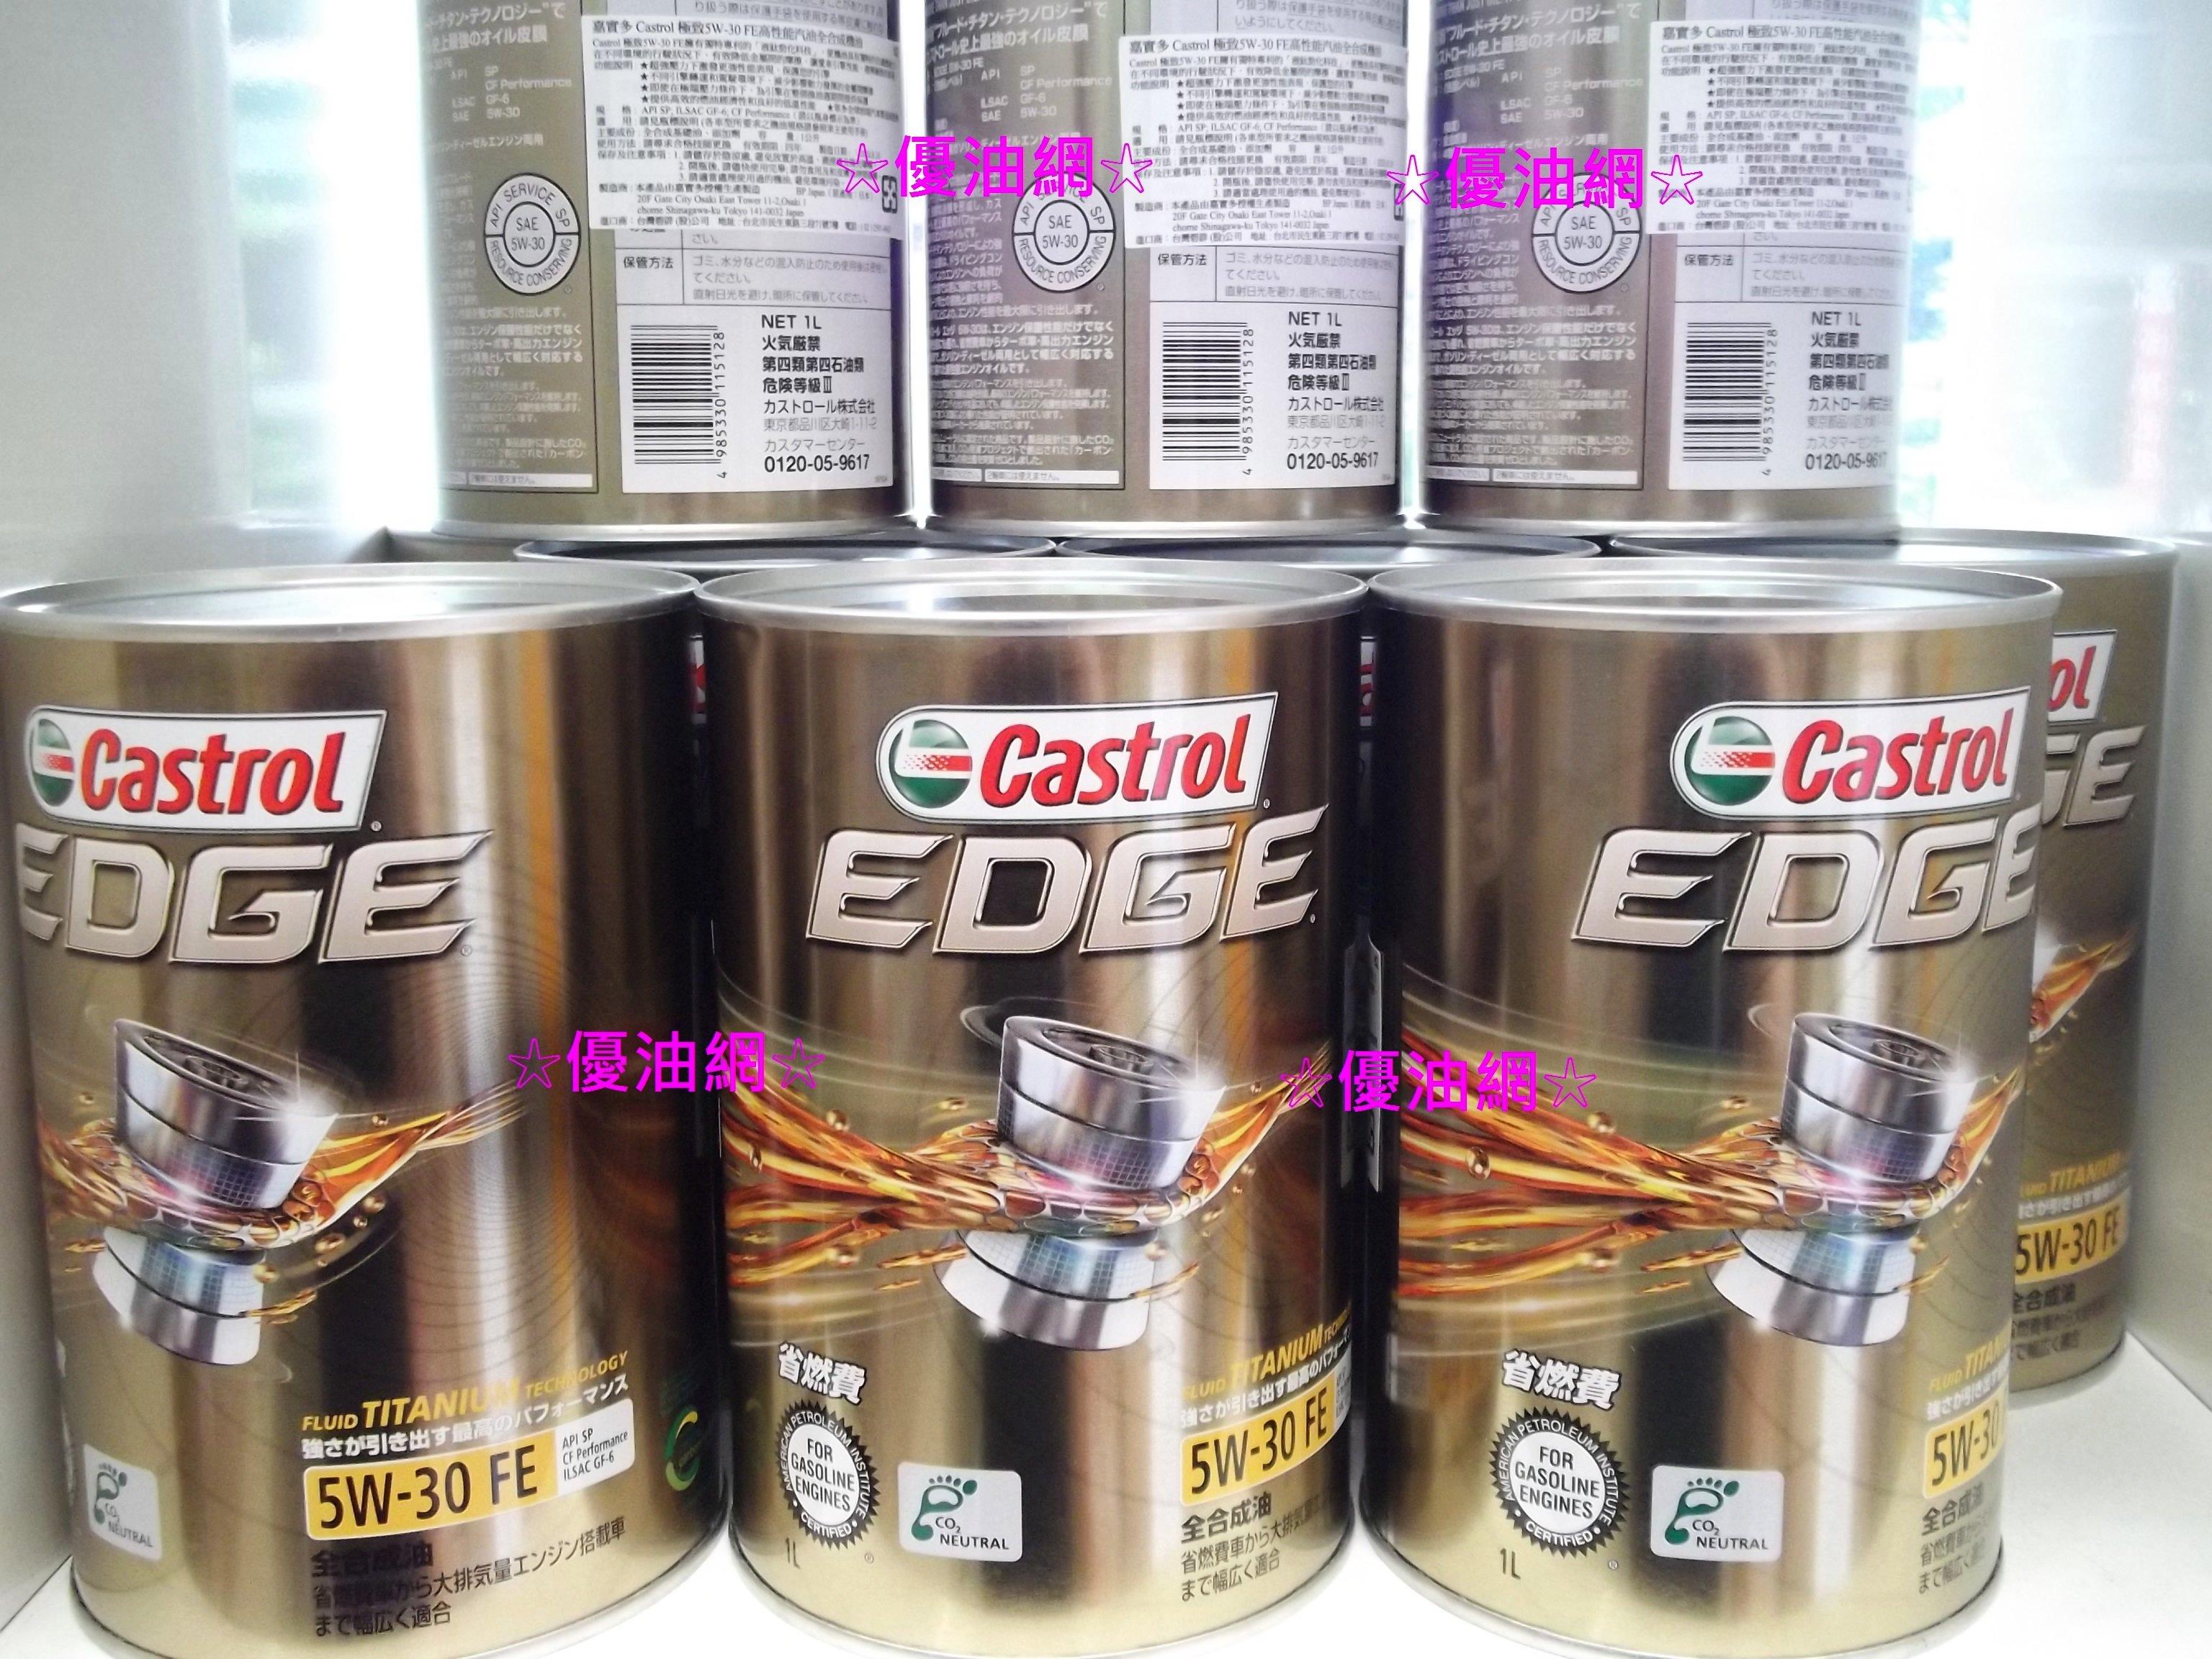 ☆優油網☆最新六月促銷2021年最新配方Castrol嘉實多EDGE 5W-30 SP GF-6  台灣公司貨